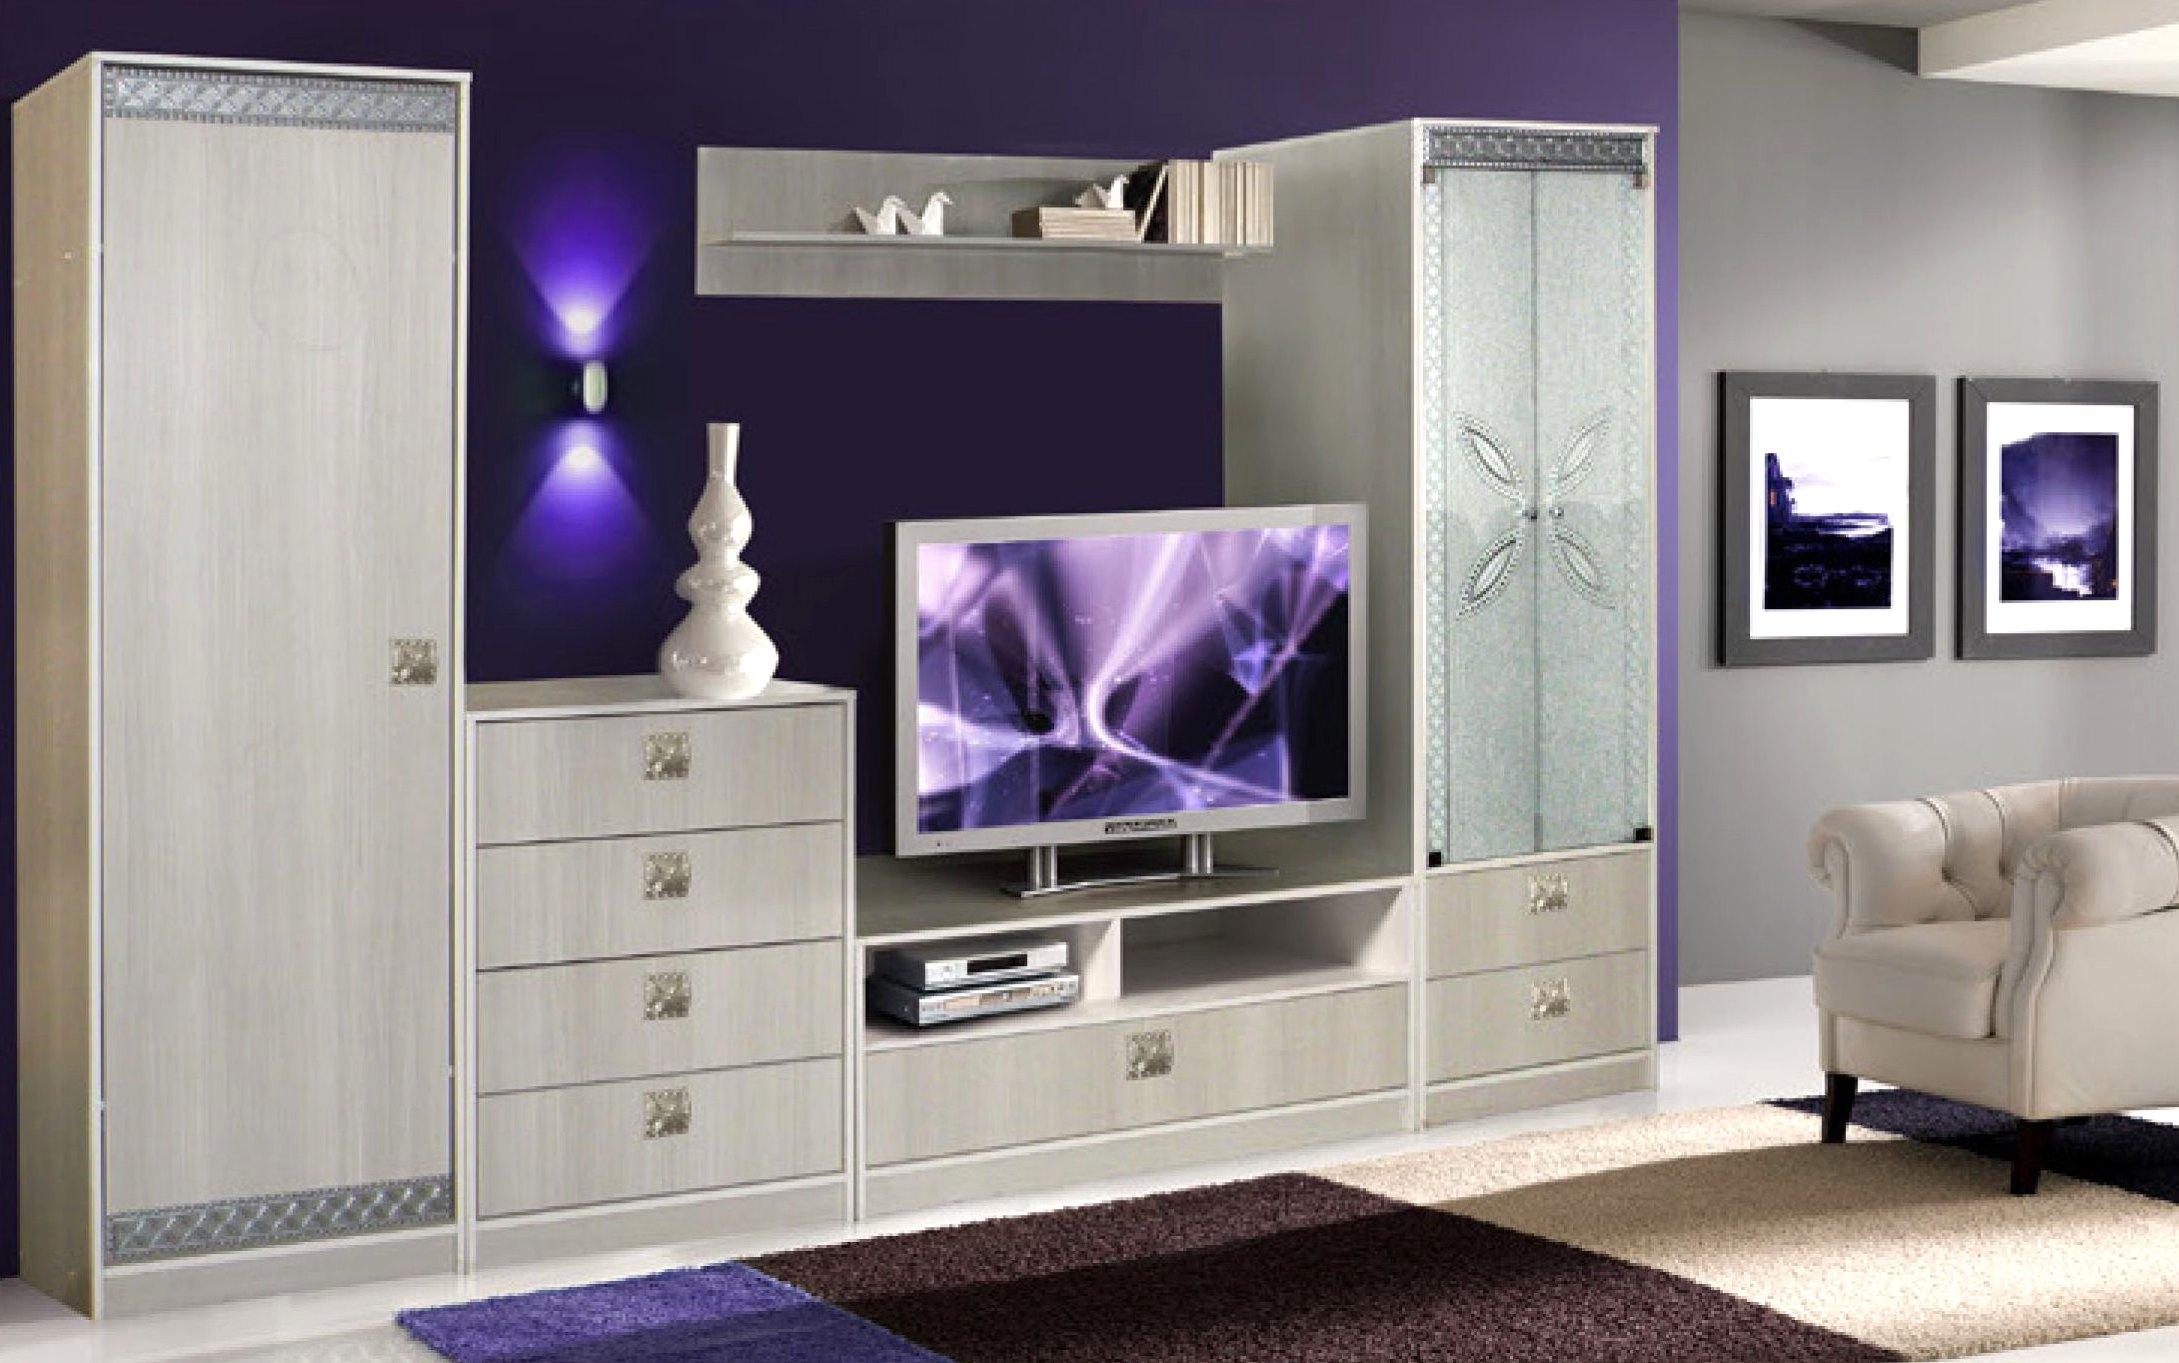 Набор мебели БагираСтенки<br>Комплектация:<br>Шкаф с витриной 0407.1<br>Тумба под ТВ 0407.2<br>Шкаф 1Д 0407.4<br>Комод 0407.3<br>Полка 0407.5<br><br>Материалы: ЛДСП<br>Полный размер (ДхВхГ): 3120х1950х570<br>Ниша под ТВ: 1200х1350<br>Комплектация: Радиусные ручки<br>Цвет: Тополь<br>Примечание: Доставляется в разобранном виде<br>Изготовление и доставка: 15-25 дней<br>Условия доставки: Бесплатная по Москве до подъезда<br>Условие оплаты: Оплата наличными при получении товара<br>Доставка по МО (за пределами МКАД): 35 руб./км., за пределы трассы А-107 (ММК) +500 руб.<br>Подъем на грузовом лифте: 3% от стоимости изделия<br>Подъем без лифта: 1,5% от стоимости изделия за 1 этаж<br>Сборка: 10% от стоимости изделия, до 30 км (за исключением близлежащих районов Москвы - Южное Бутово, Митино и т.п.) + 500 руб. дополнительно к стоимости сборки<br>Гарантия: 18 месяцев<br>Производство: Беларусь<br>Производитель: КМК